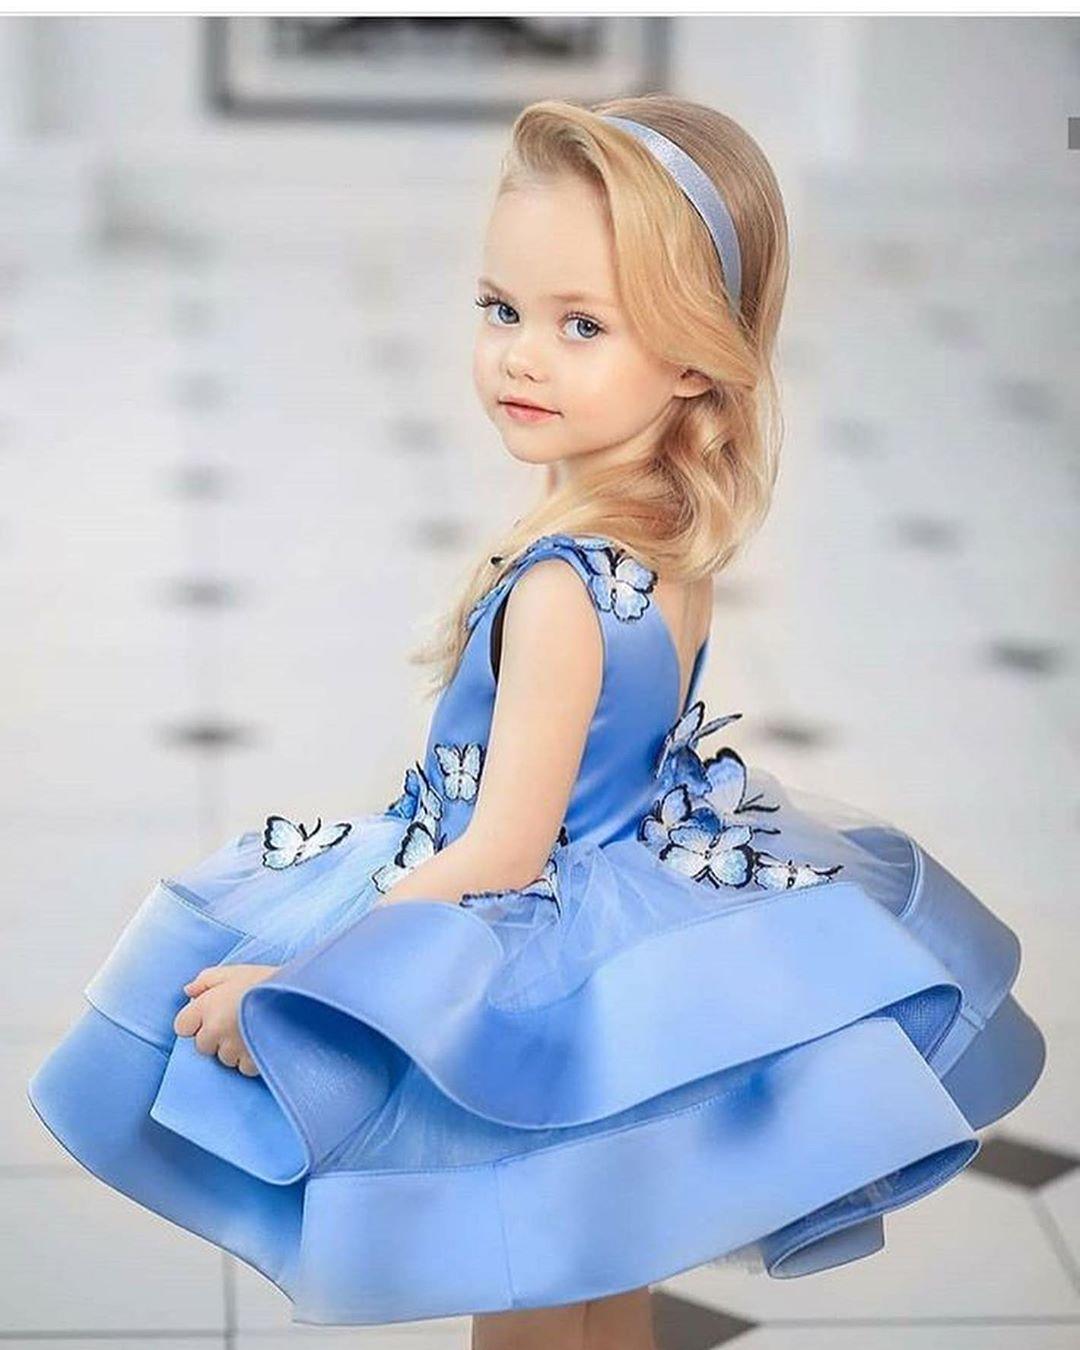 مدل لباس مجلسی دختر بچه جدید 2019